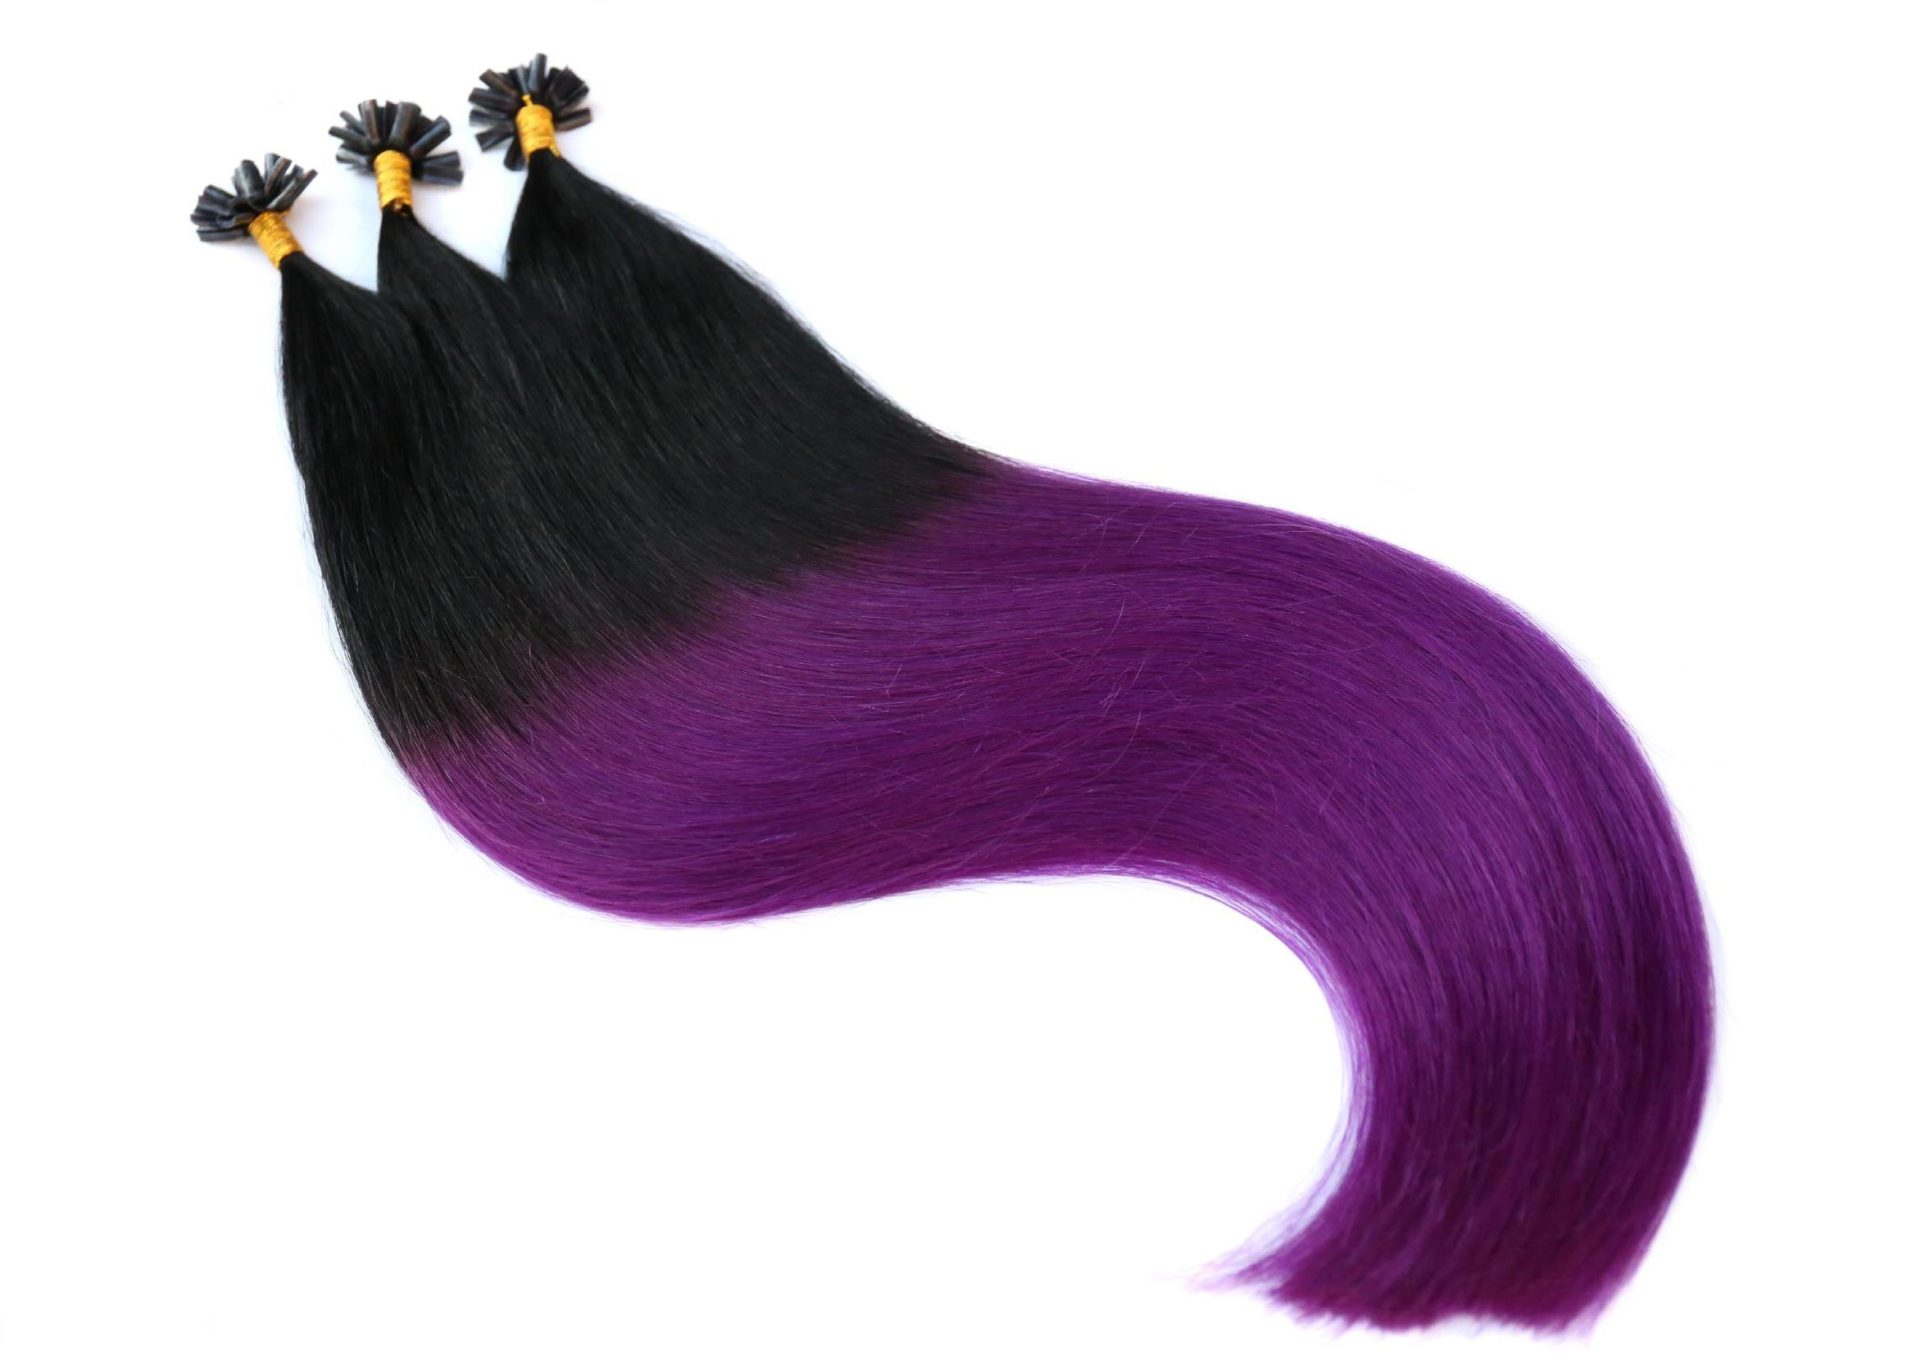 Vitash Keratin Bonding Extensions Haarverlängerung Haarverdichtung Ombre Balayage Schwar Lila Purple